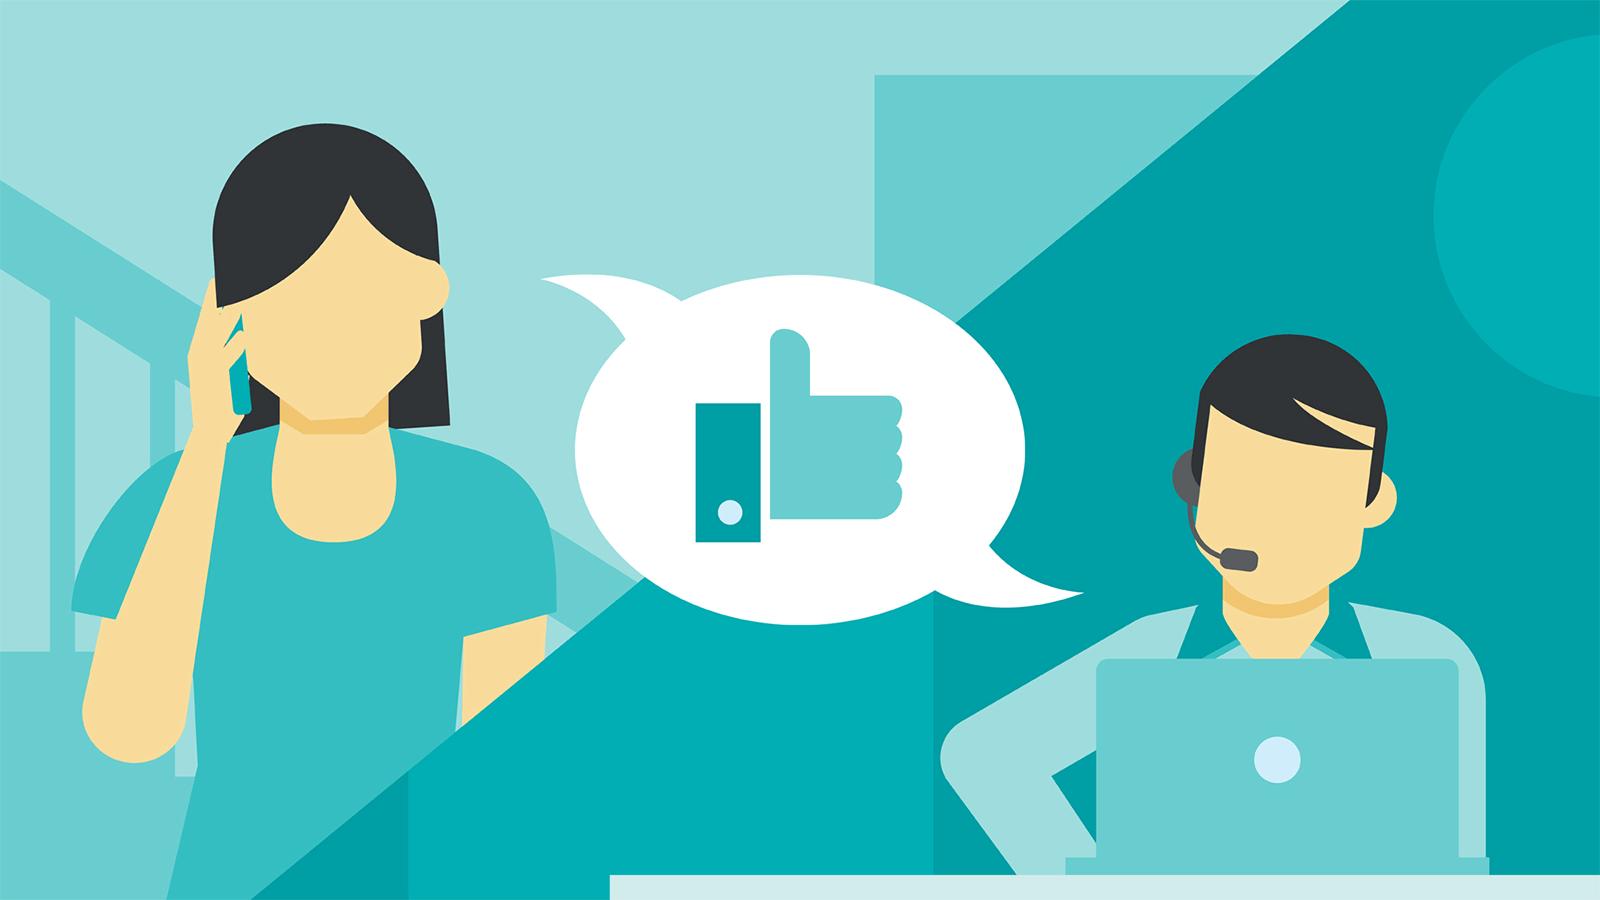 Làm sao để nắm bắt tâm lý khách hàng?